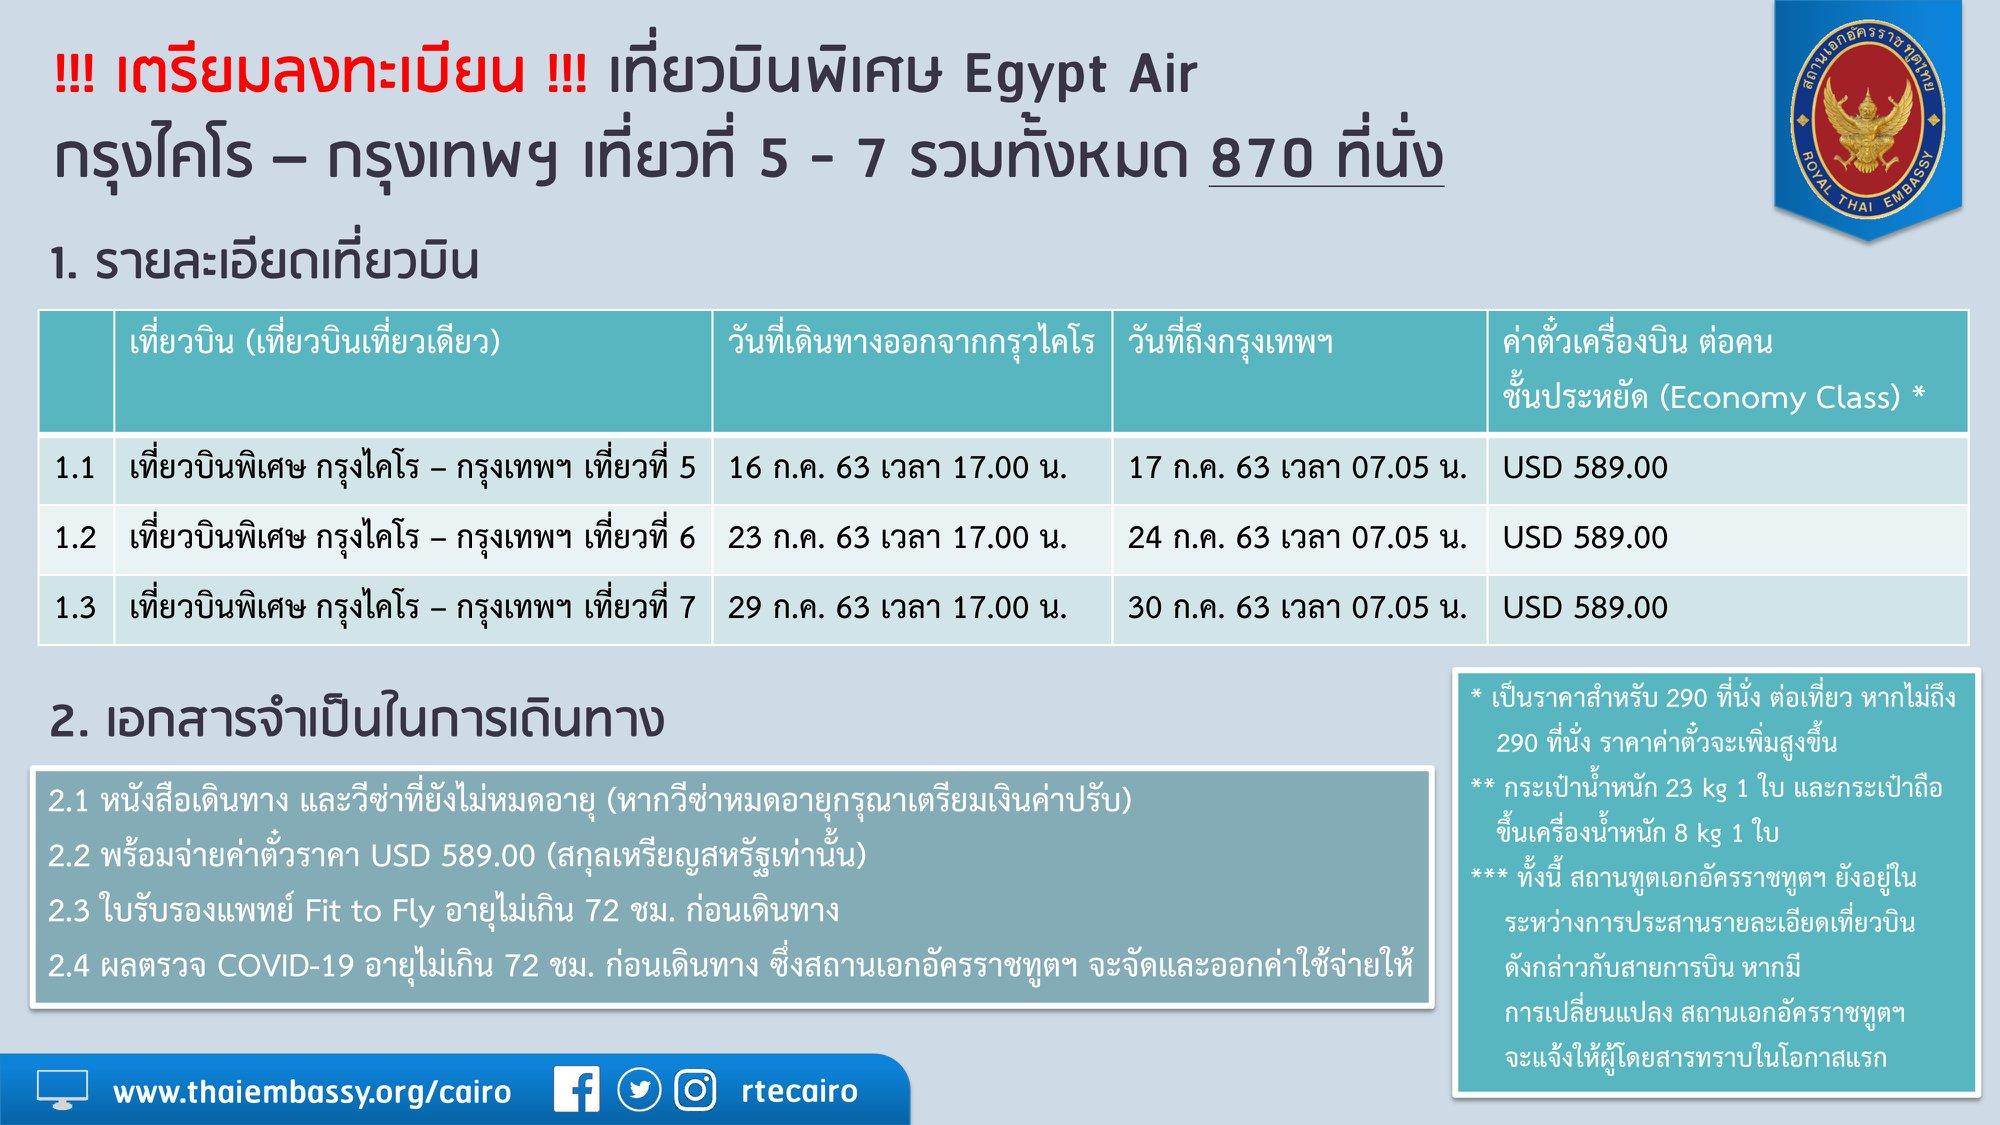 ผู้โดยสารเที่ยวบินพิเศษกรุงไคโร - กรุงเทพฯ เที่ยวที่ 7